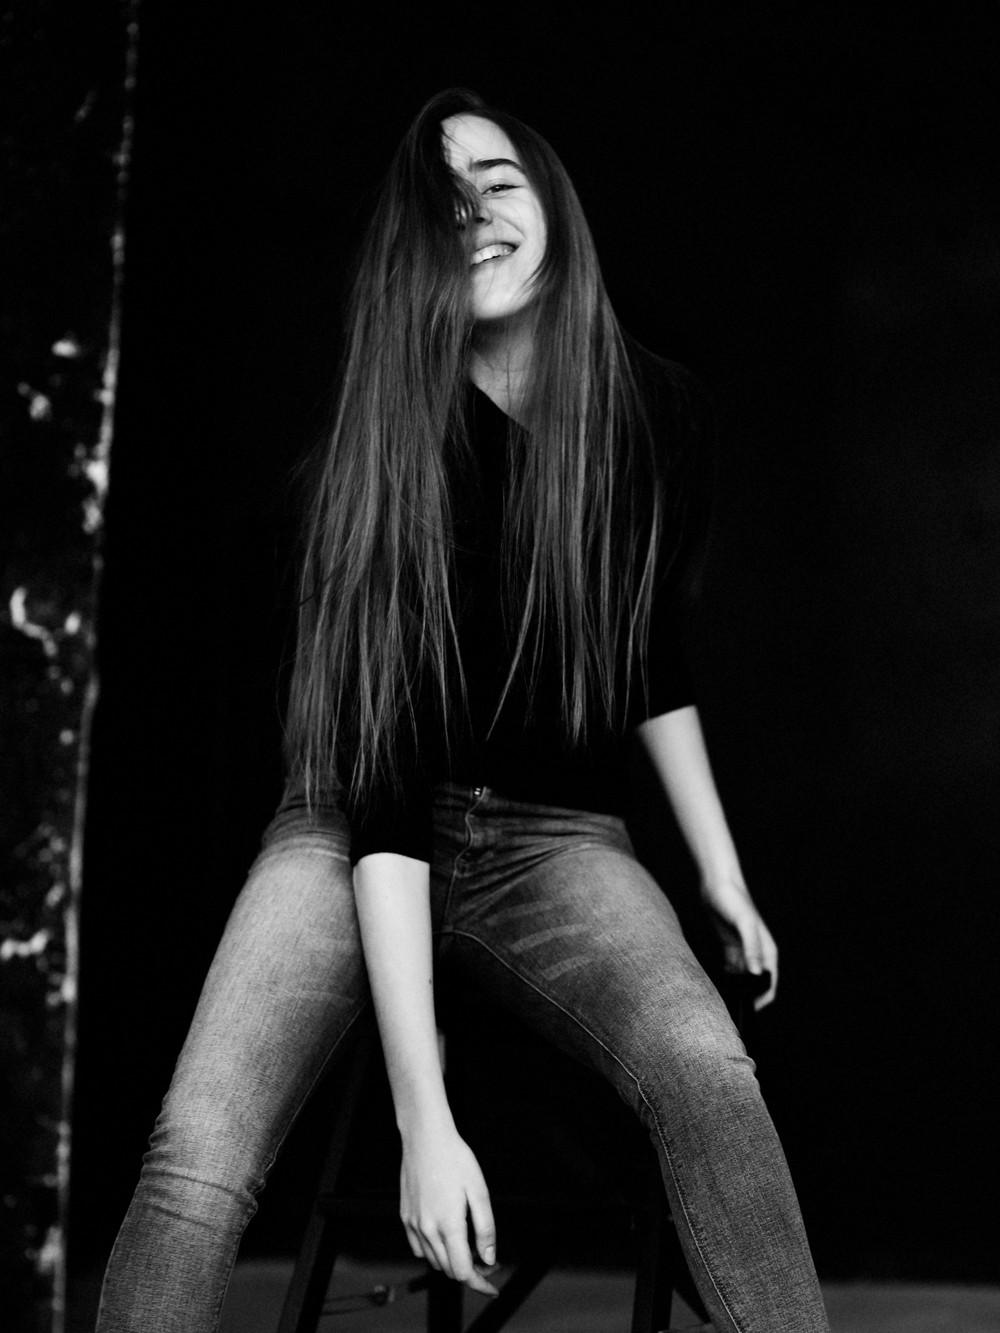 Eva Yalkovskaya